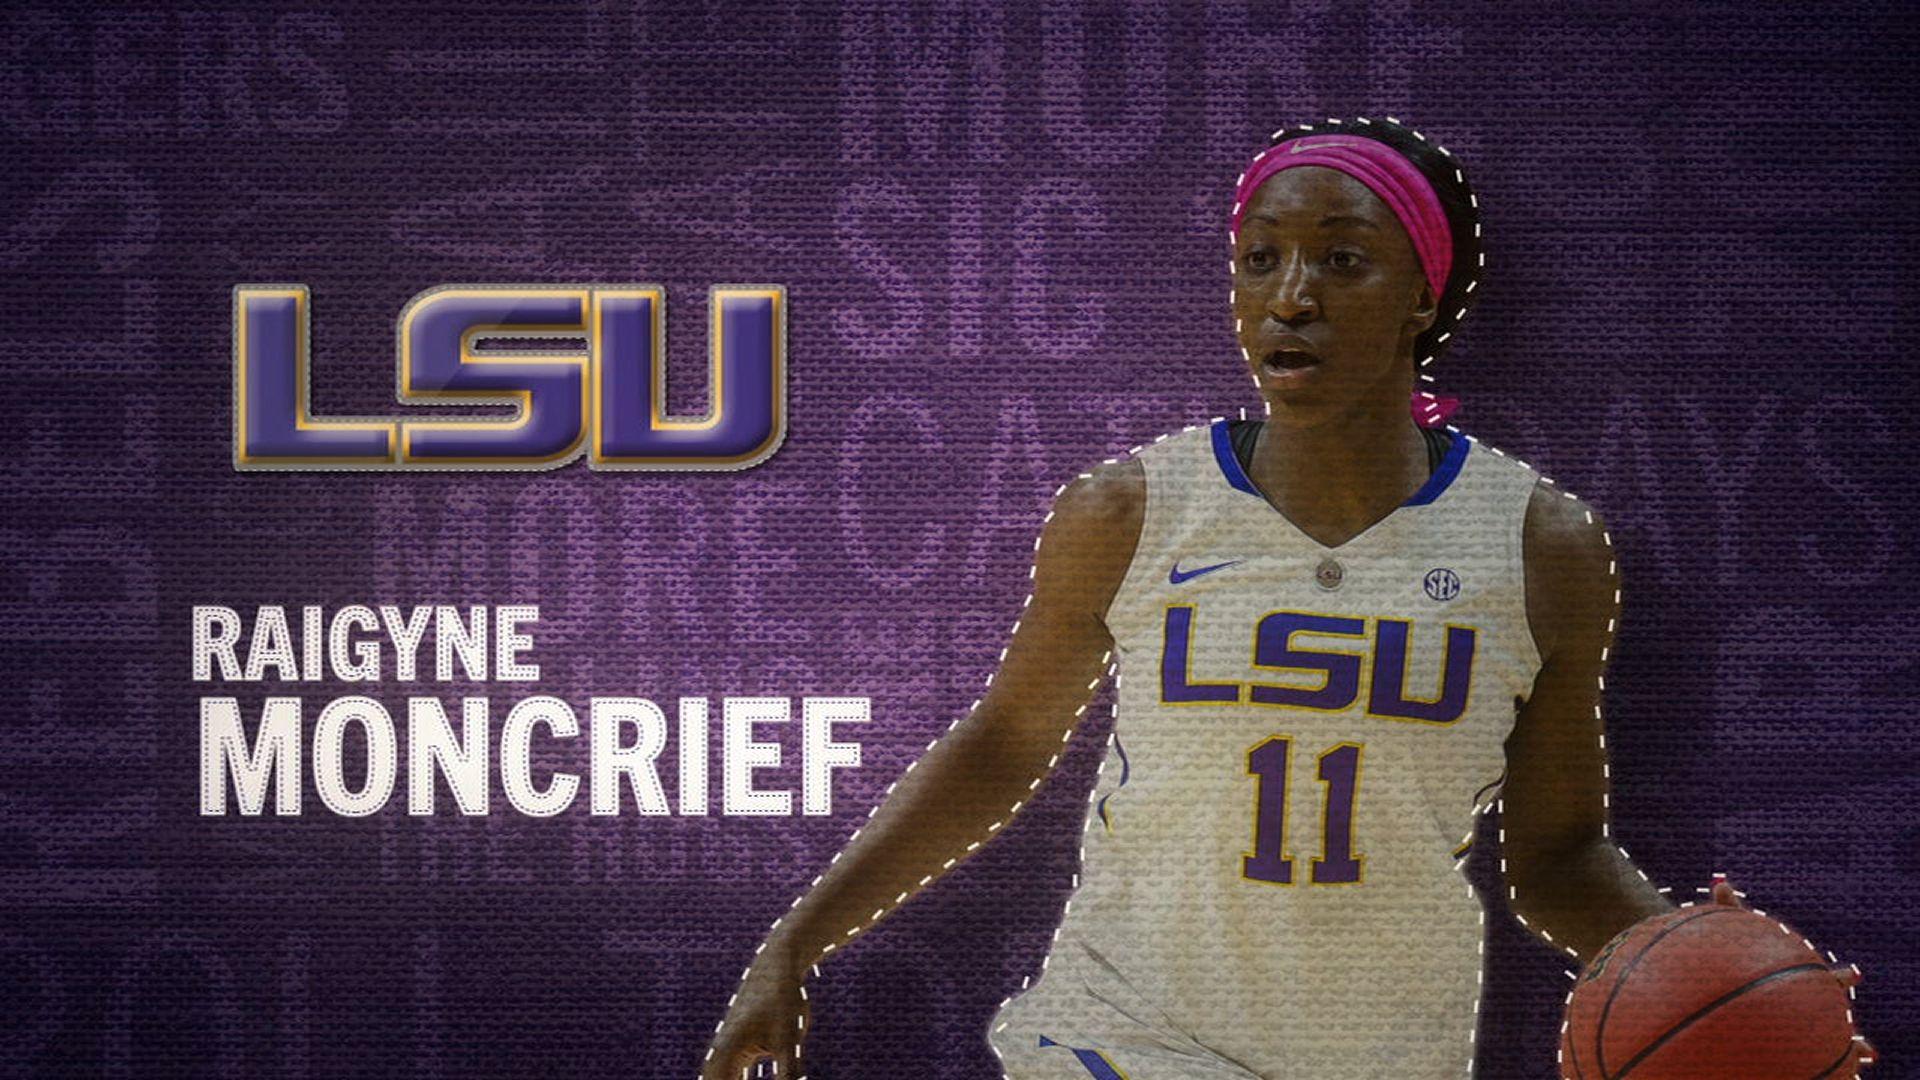 I am the SEC: LSU's Raigyne Moncrief